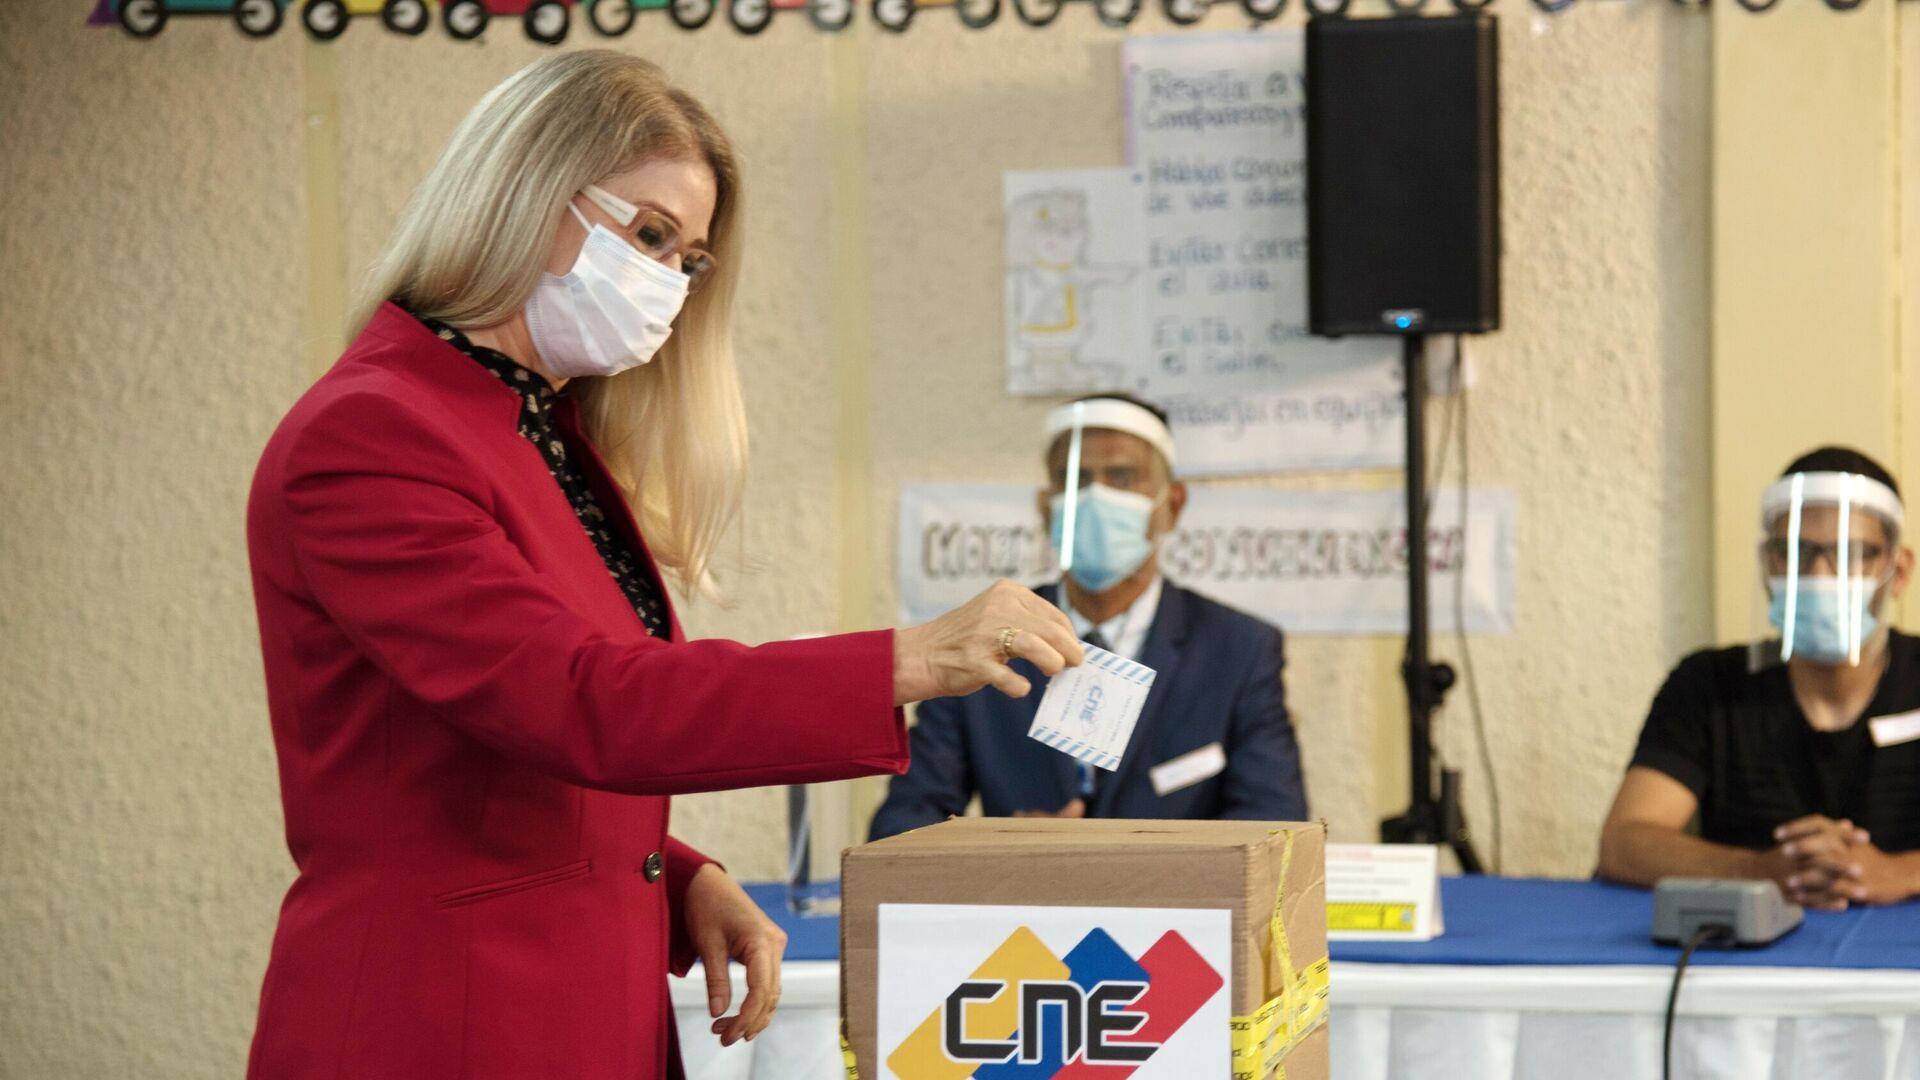 Первая леди Венесуэлы Силия Флорес во время голосования на выборах в Нацассамблею республики - РИА Новости, 1920, 07.12.2020